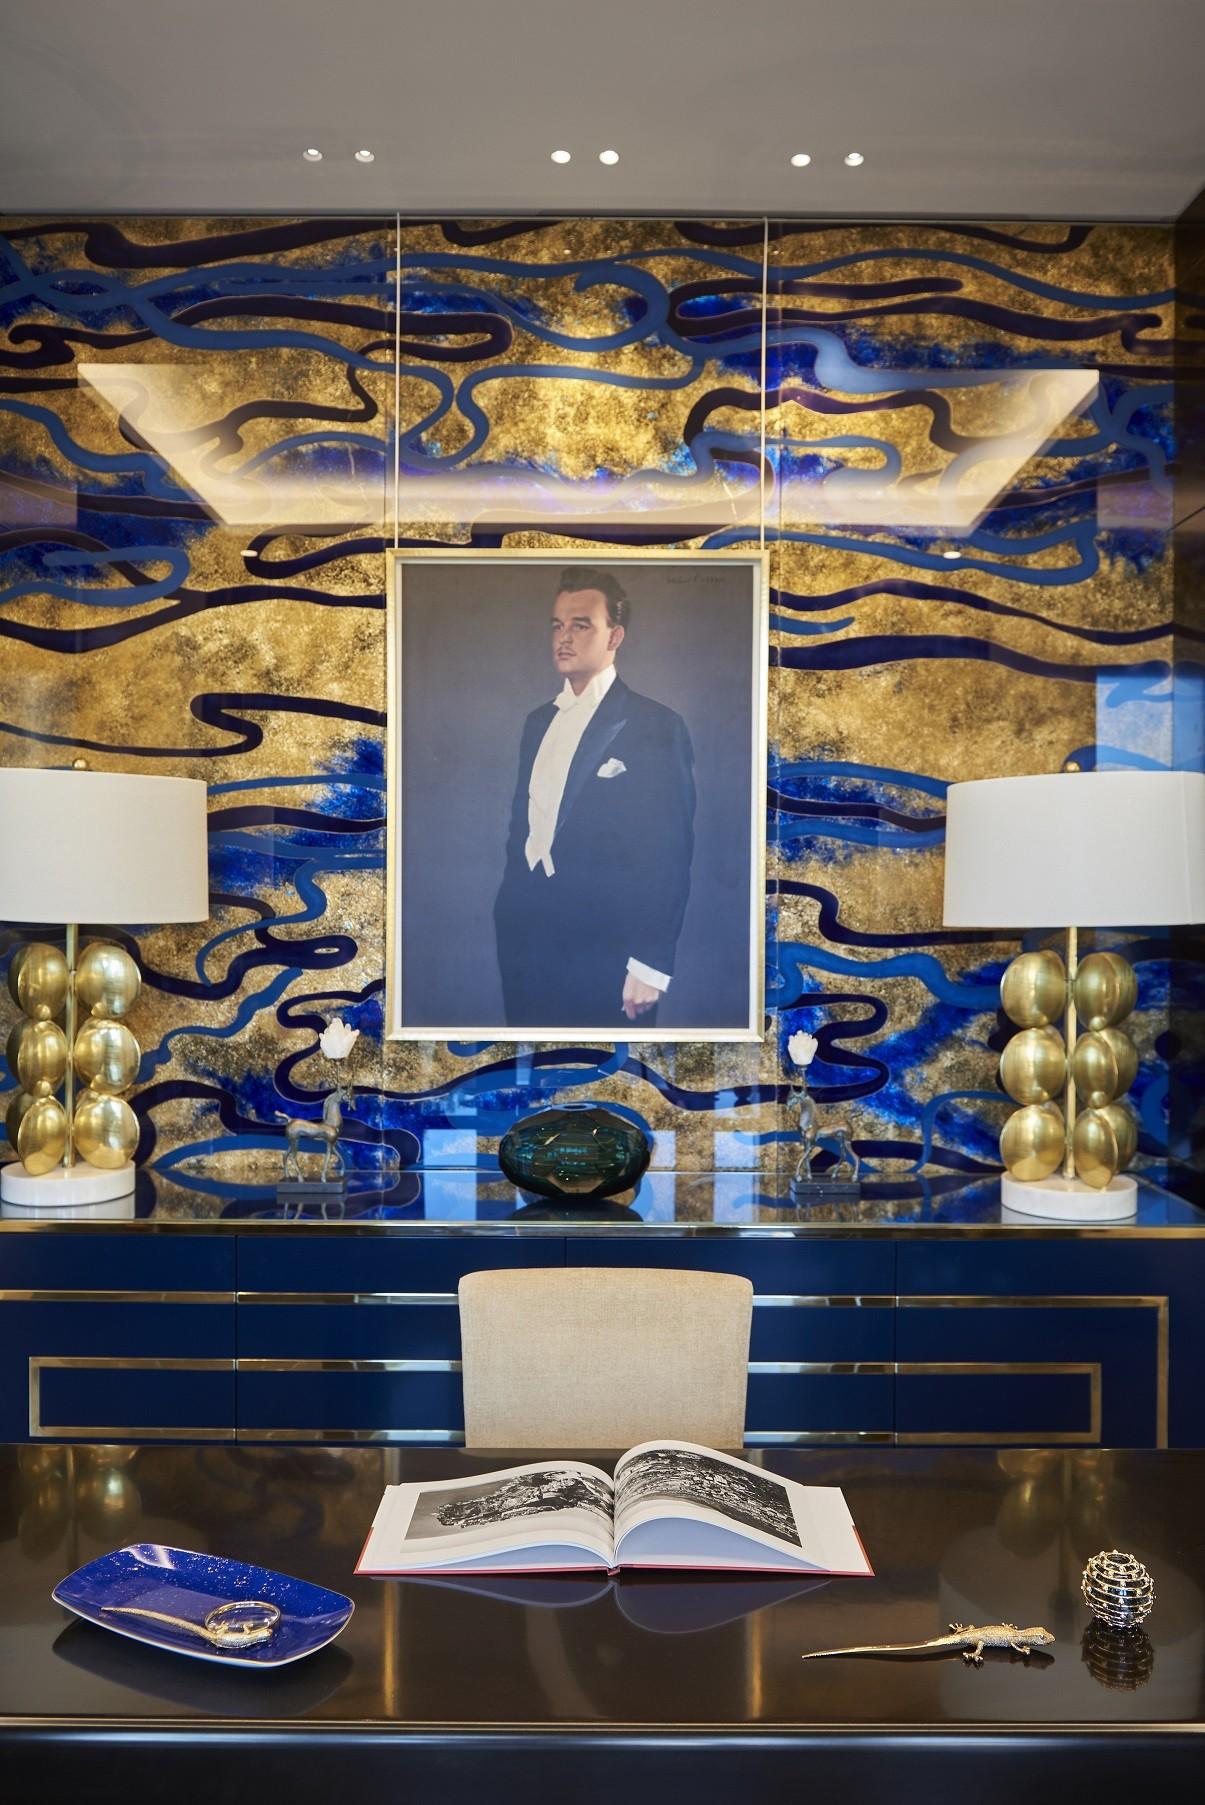 Príncipe Rainier III, de Mônaco, ganha suíte no Hôtel de Paris Monte-Carlo (Foto: Divulgação)